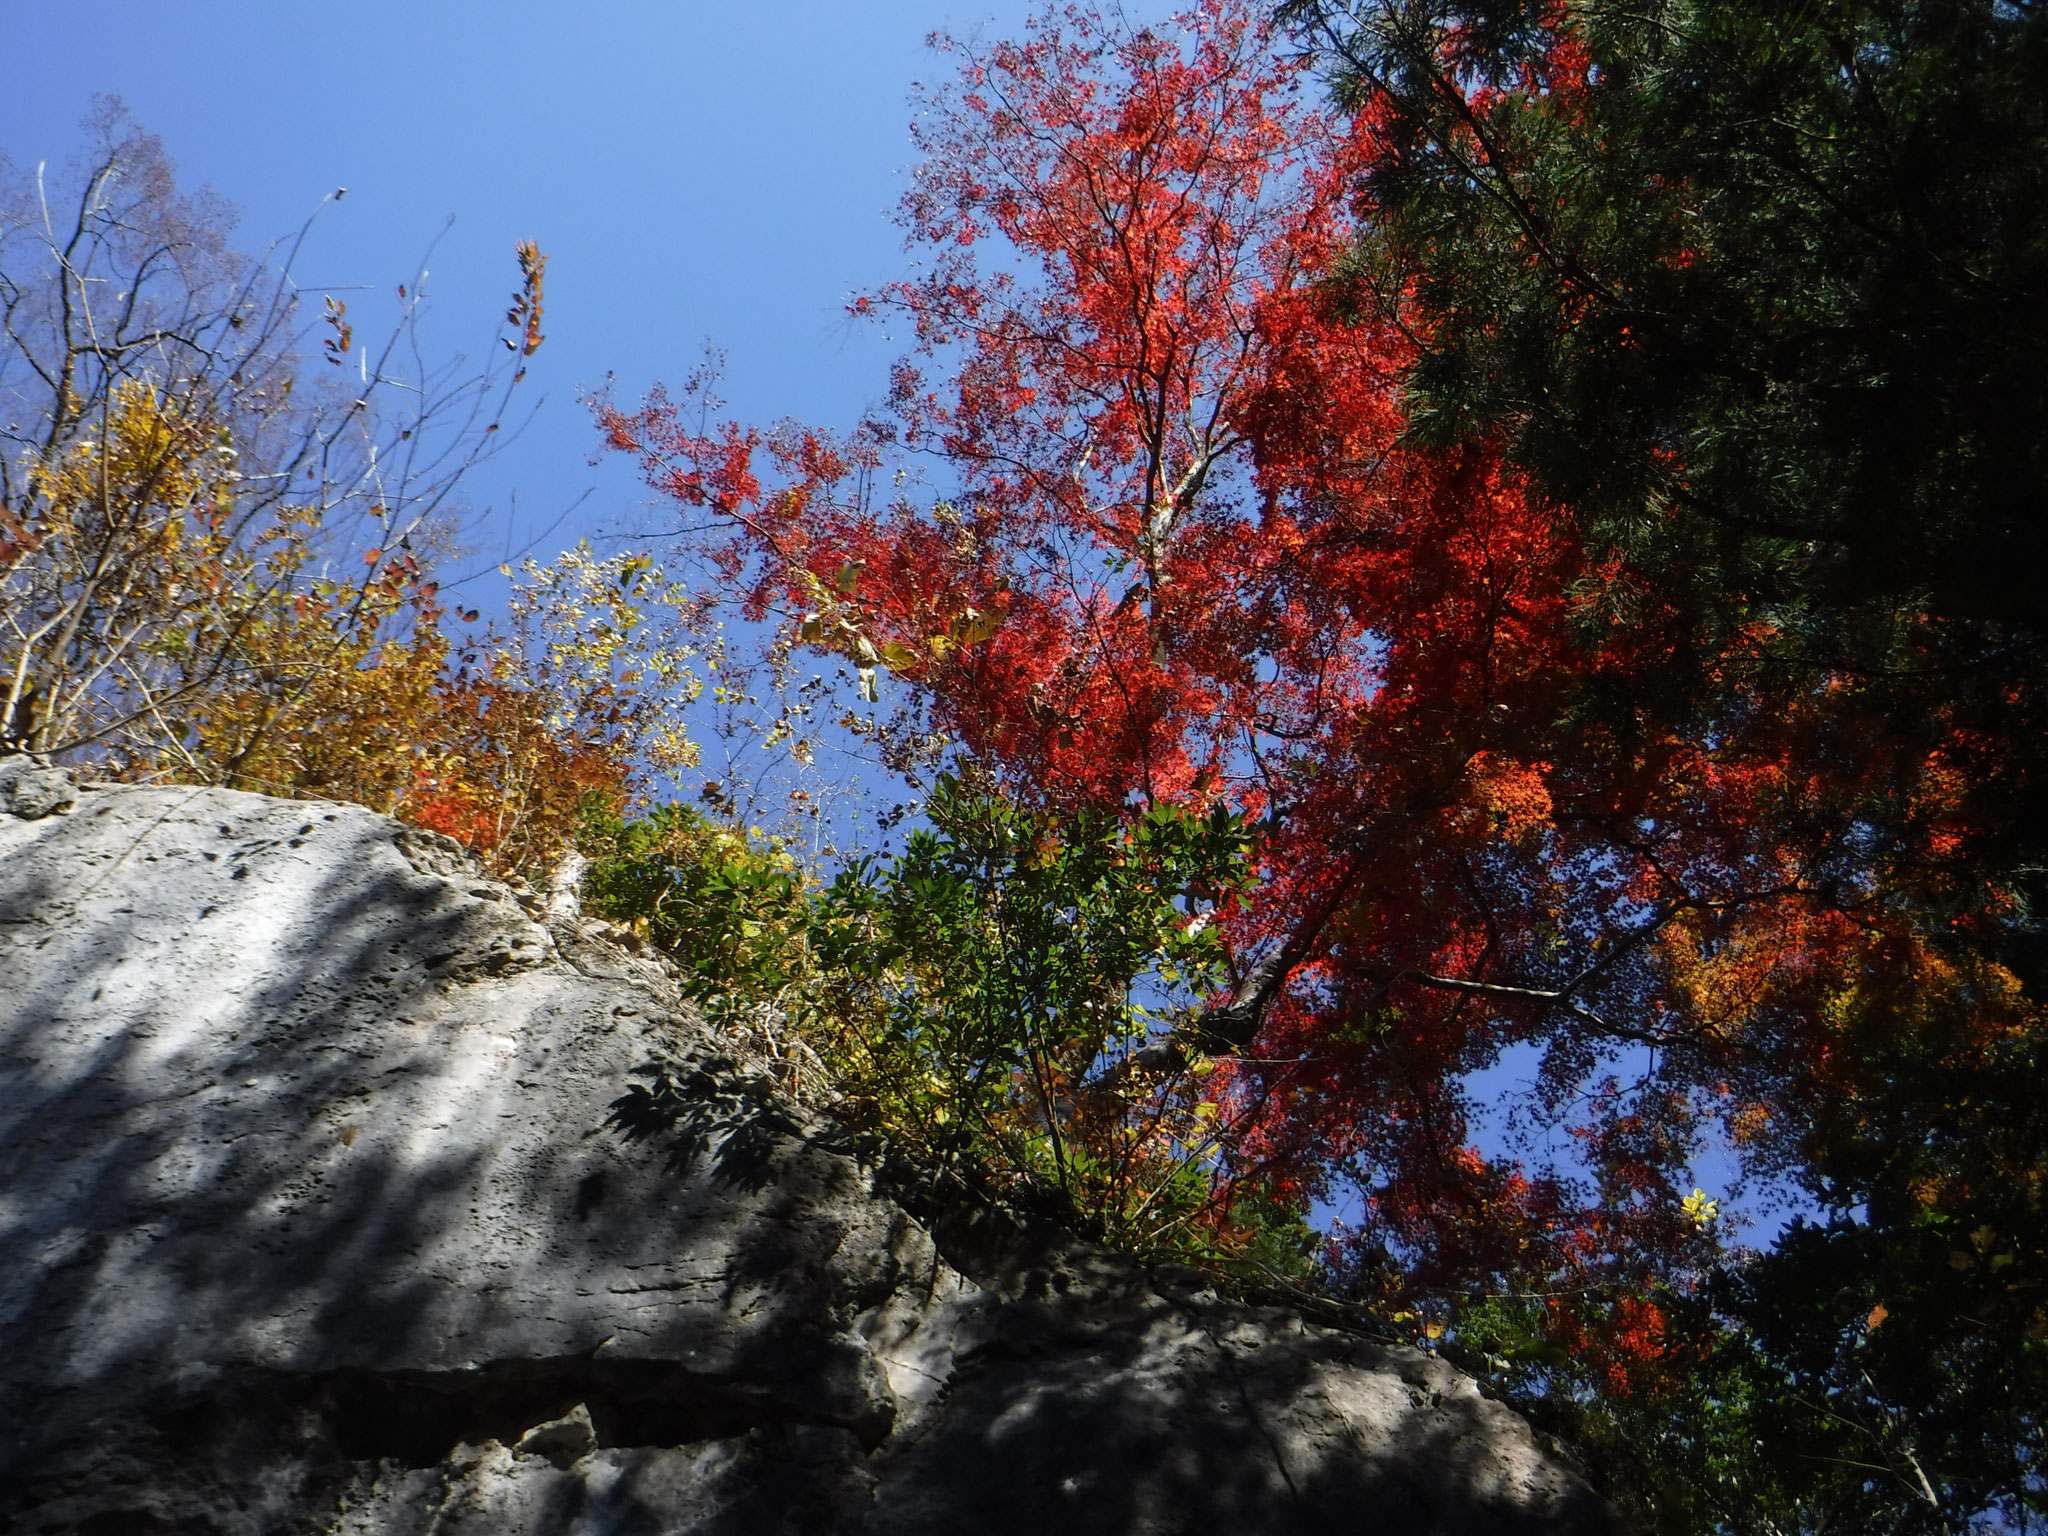 9:40 白髭神社、石灰岩の巨岩が露出している